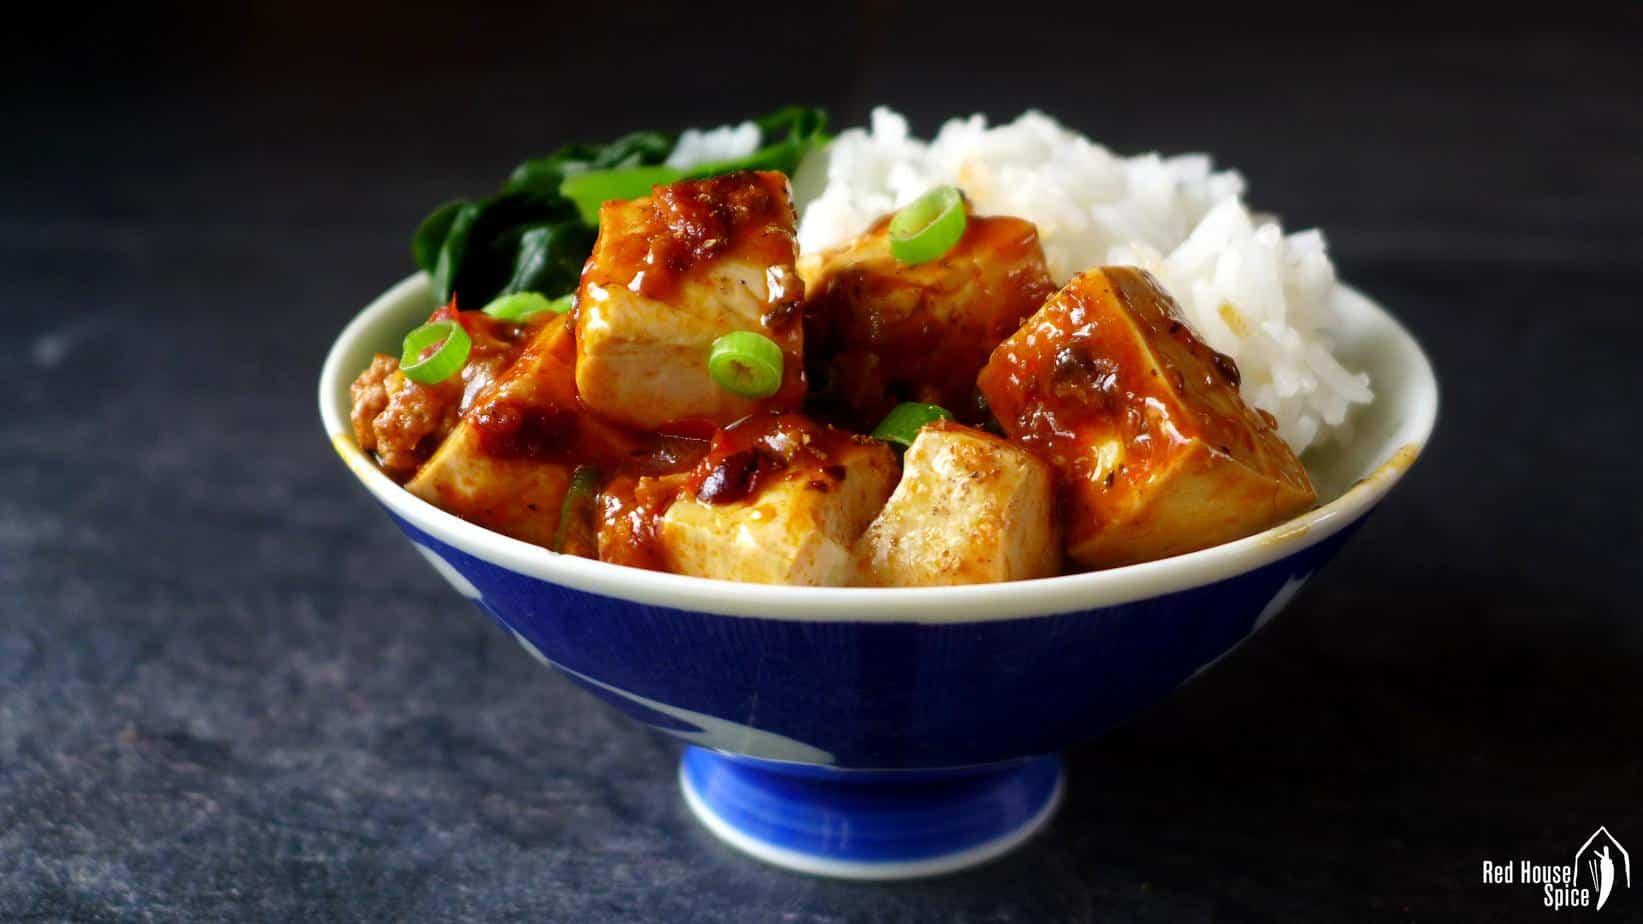 Mapo tofu over a bowl of plain rice